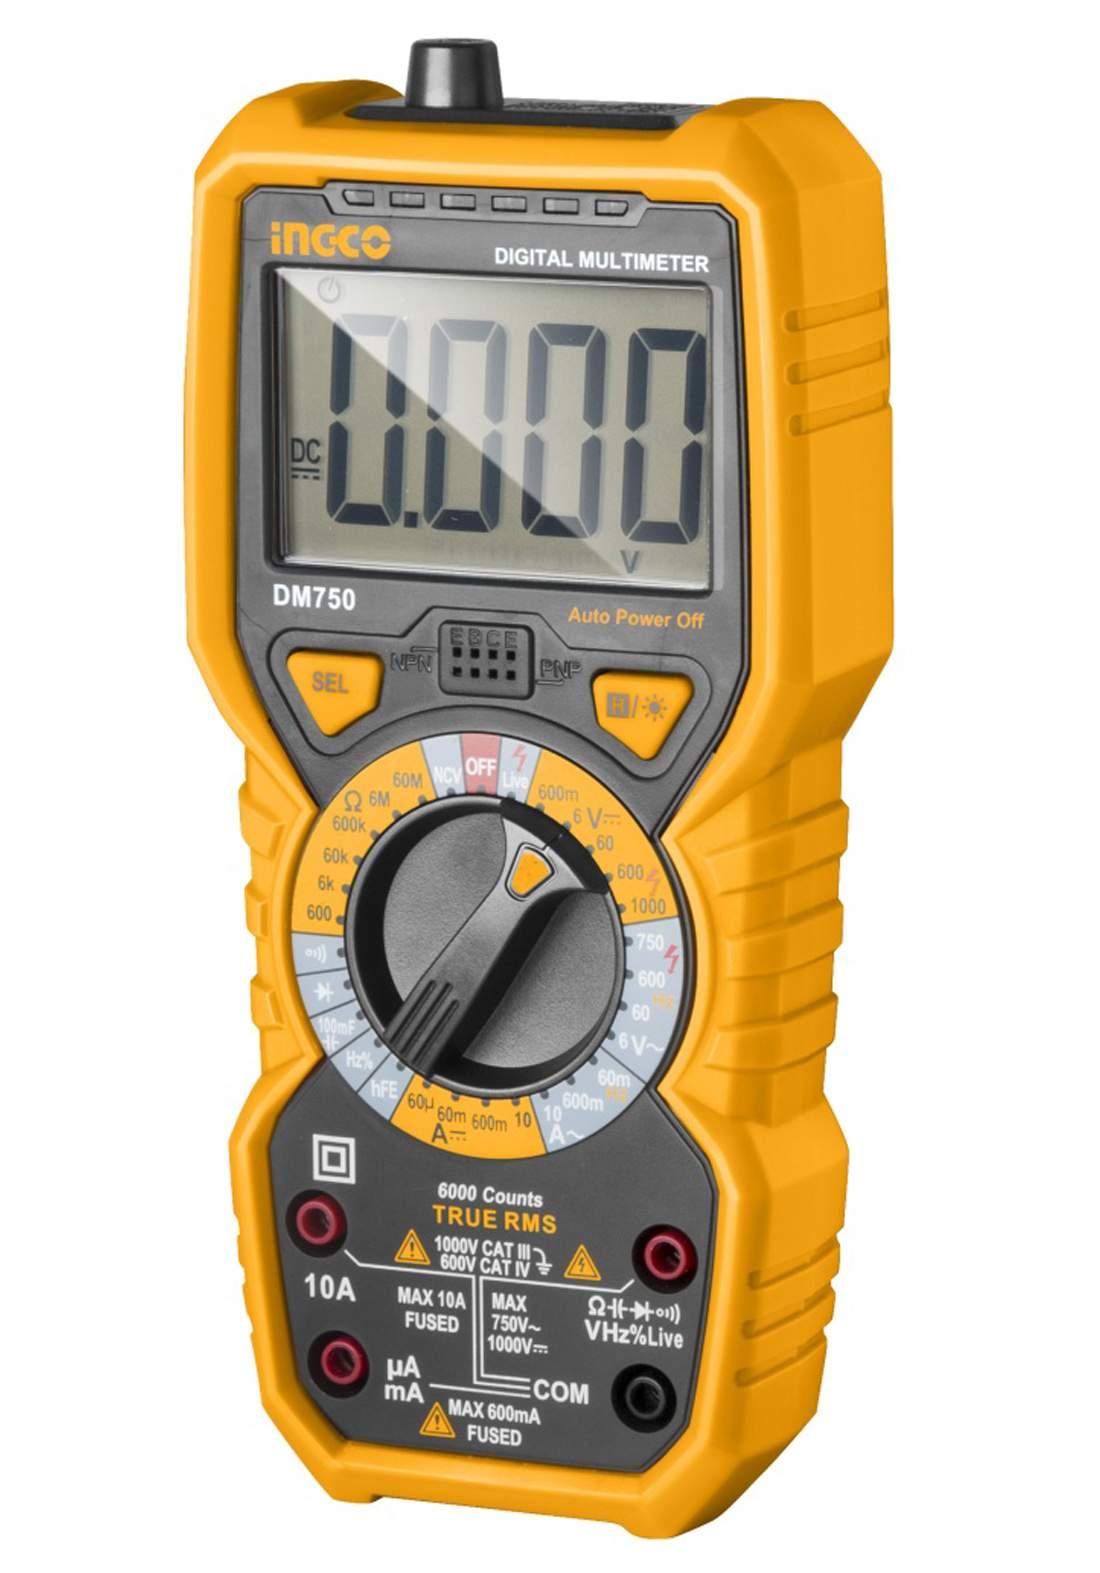 Ingco - dm750  750-volt multimeter device  جهاز  ملتميتر 750 فولط